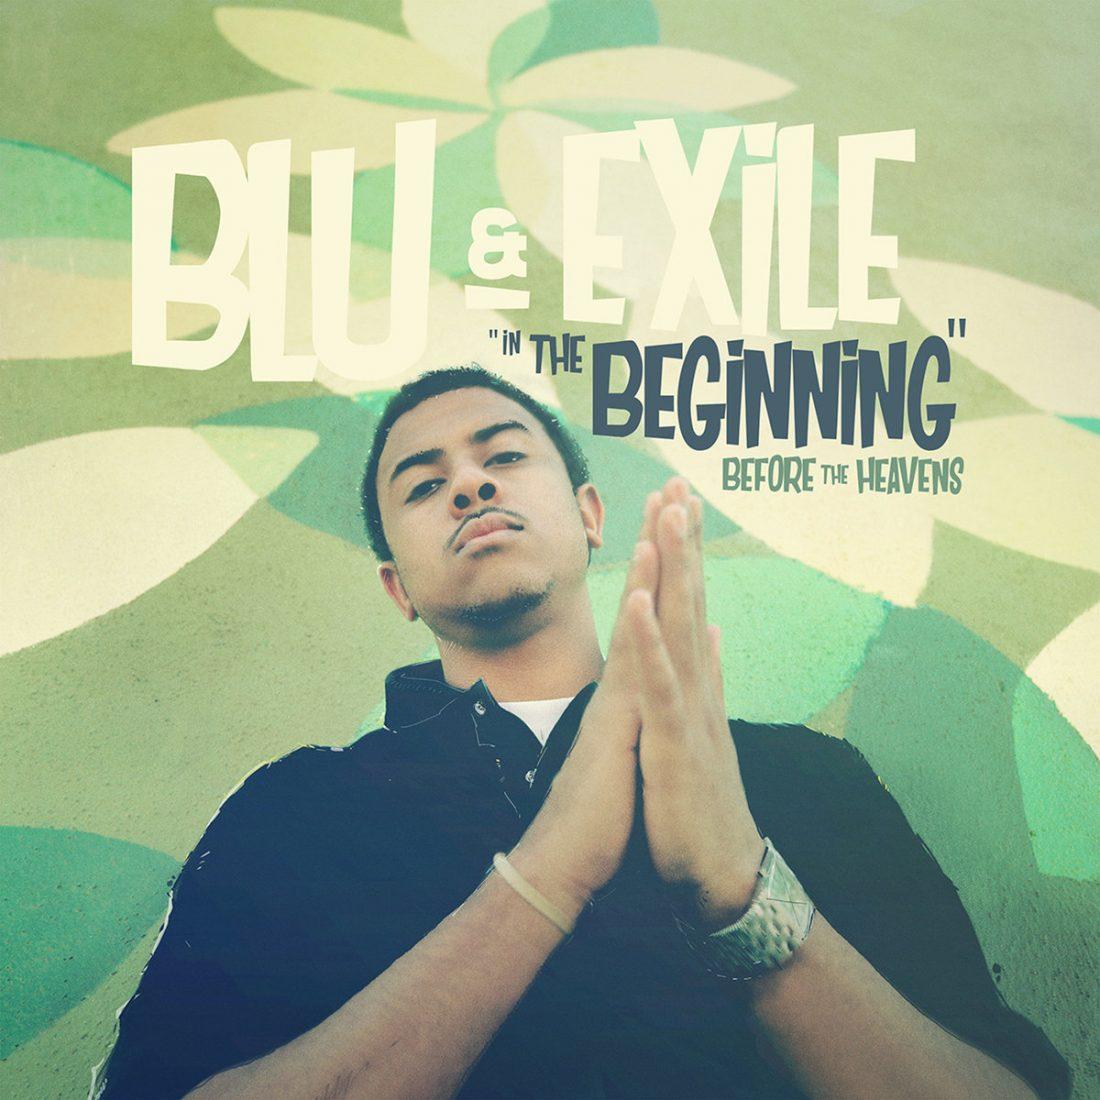 blu-exile-beginning-before-heavens